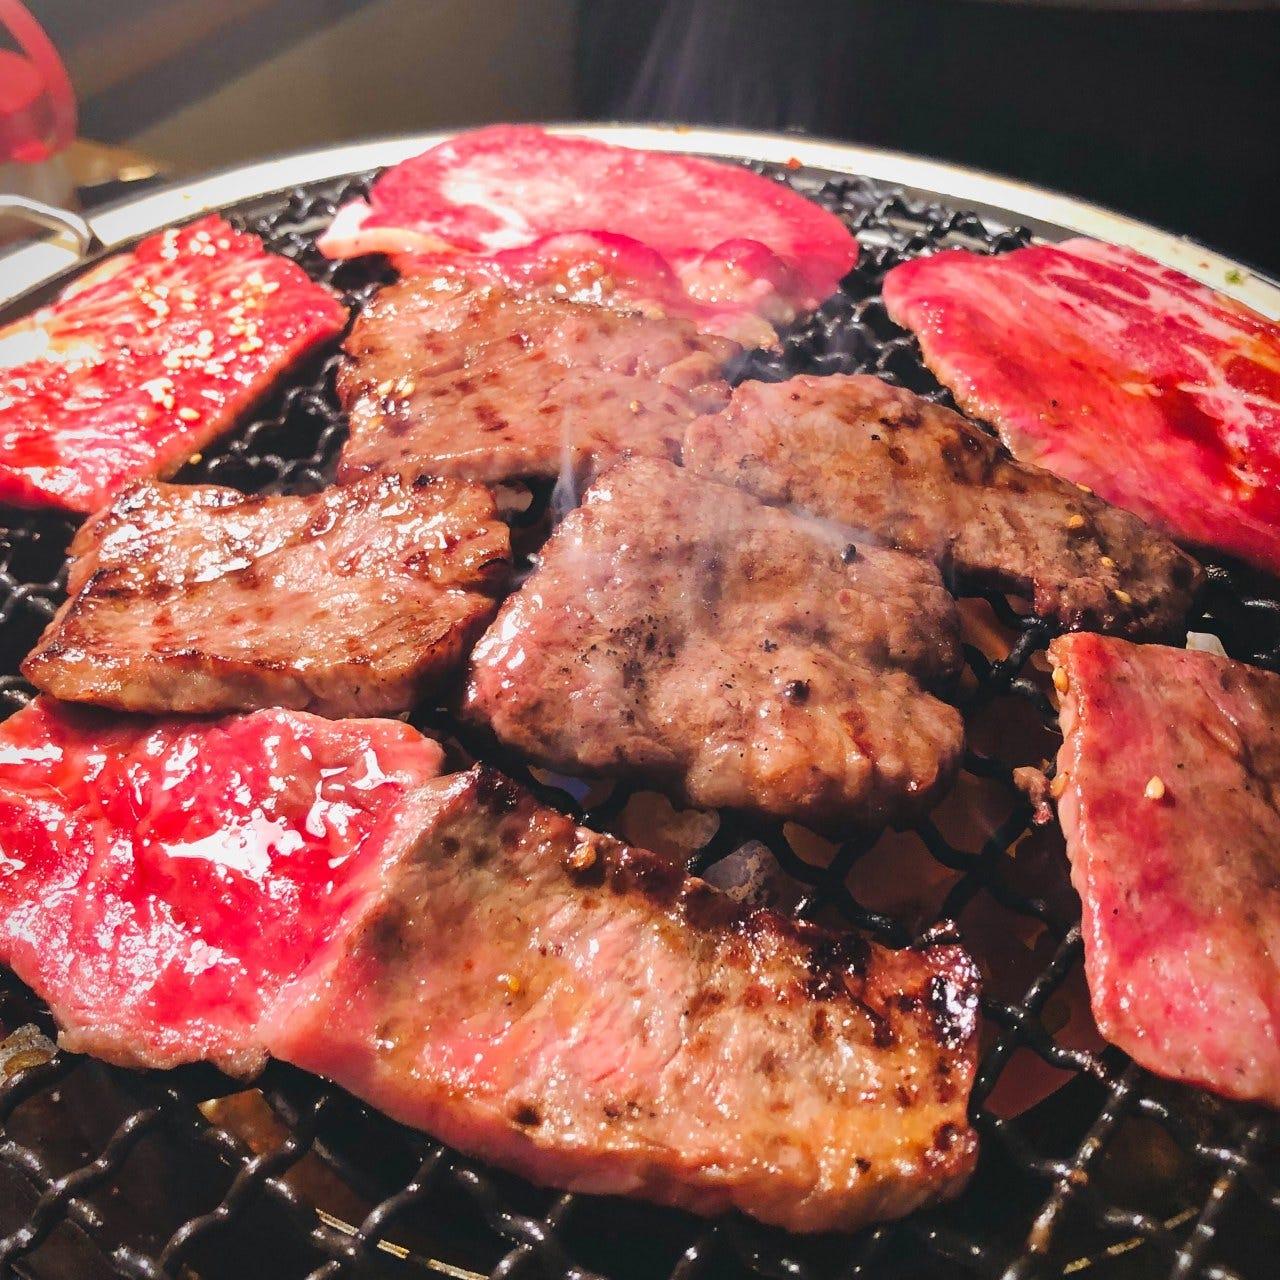 焼肉 もつ鍋 一慶 上川端店